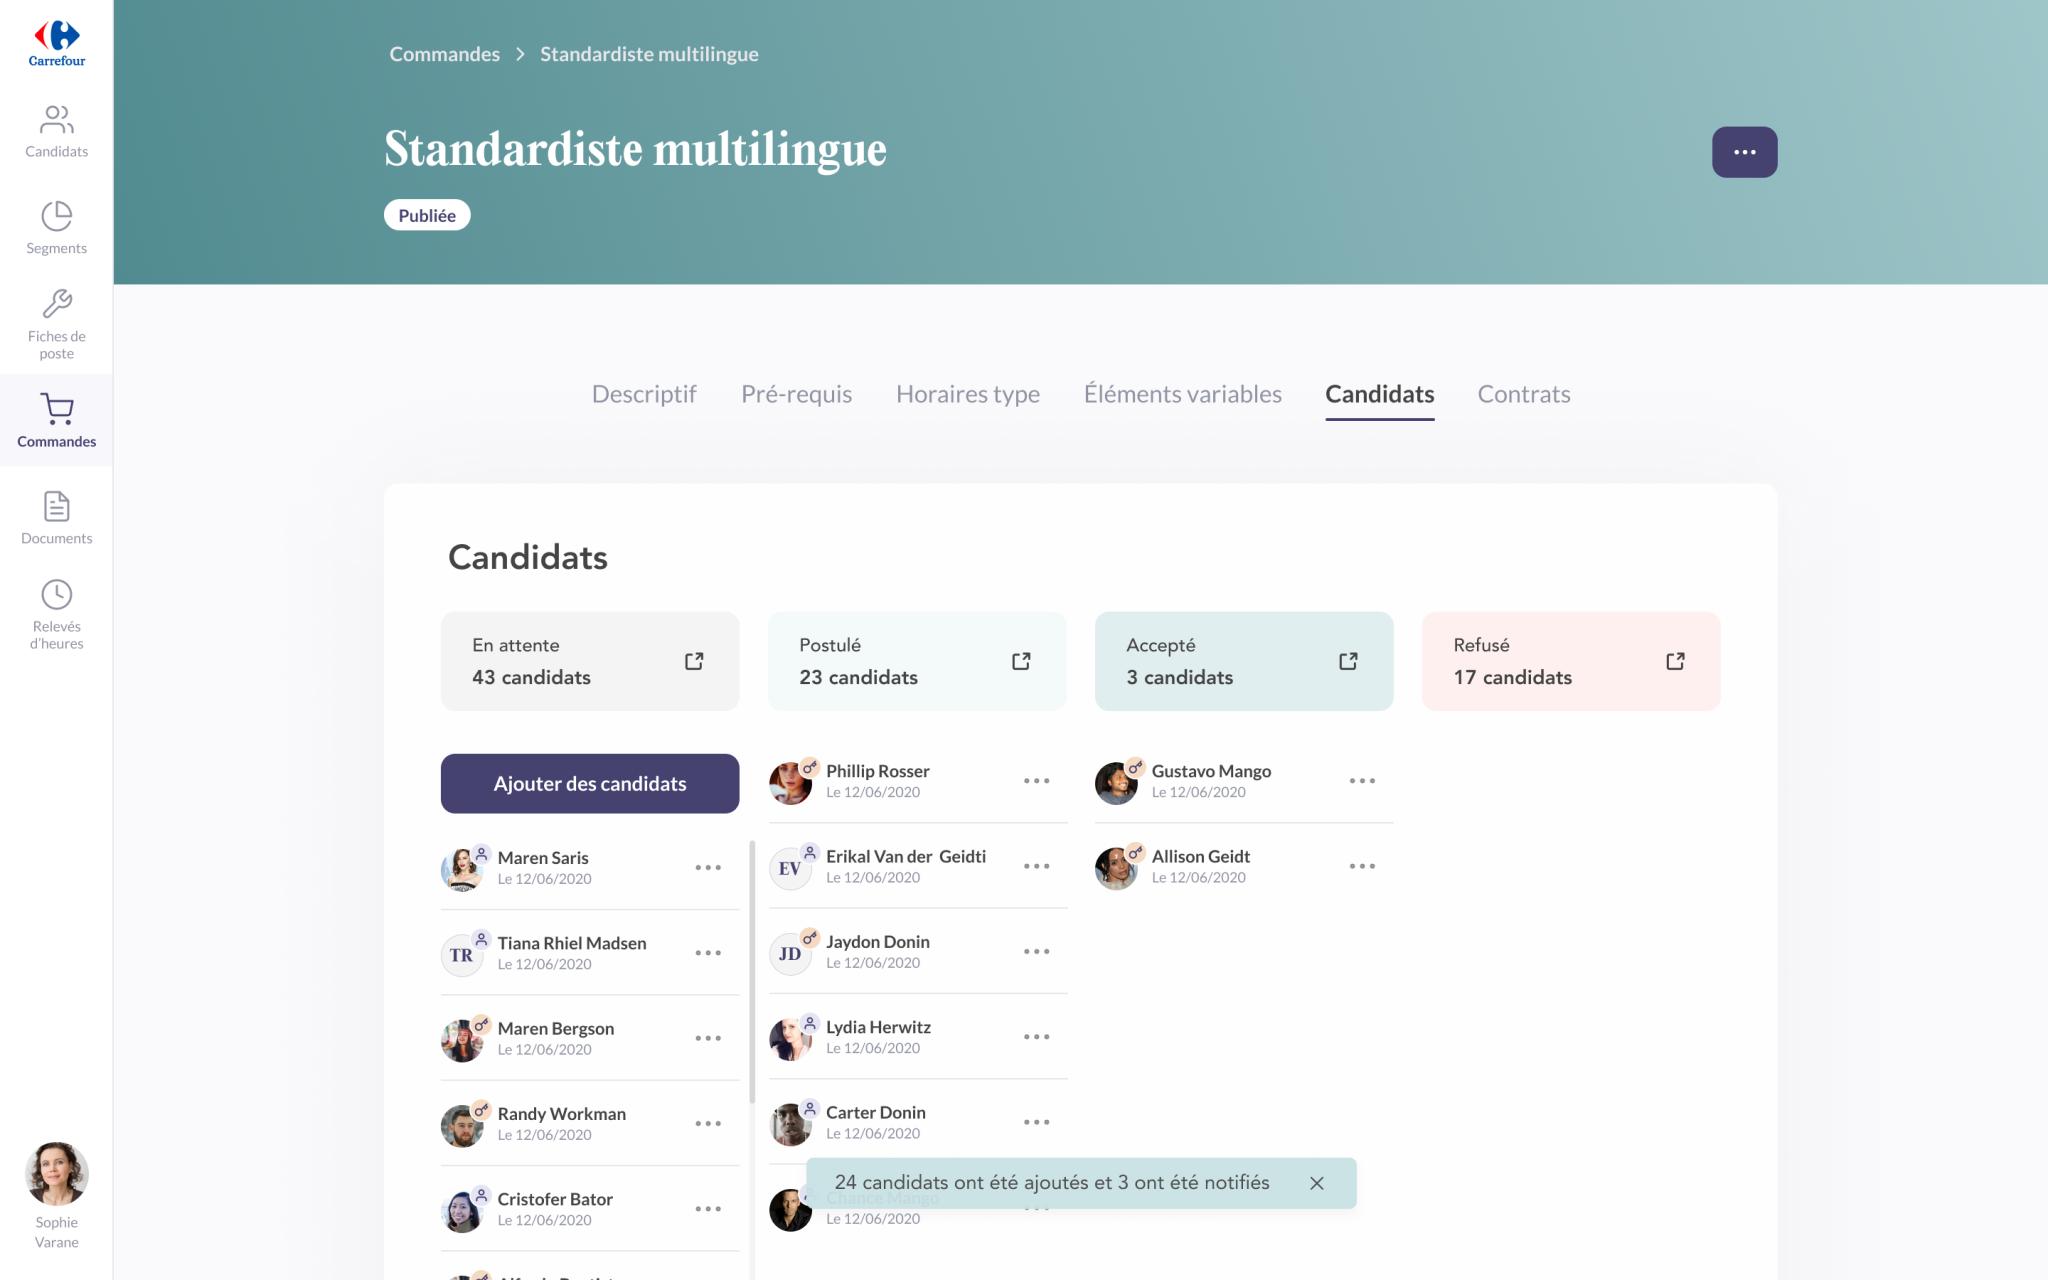 Capture d'écran de l'application Troops de la page de commande avec la liste des candidats.